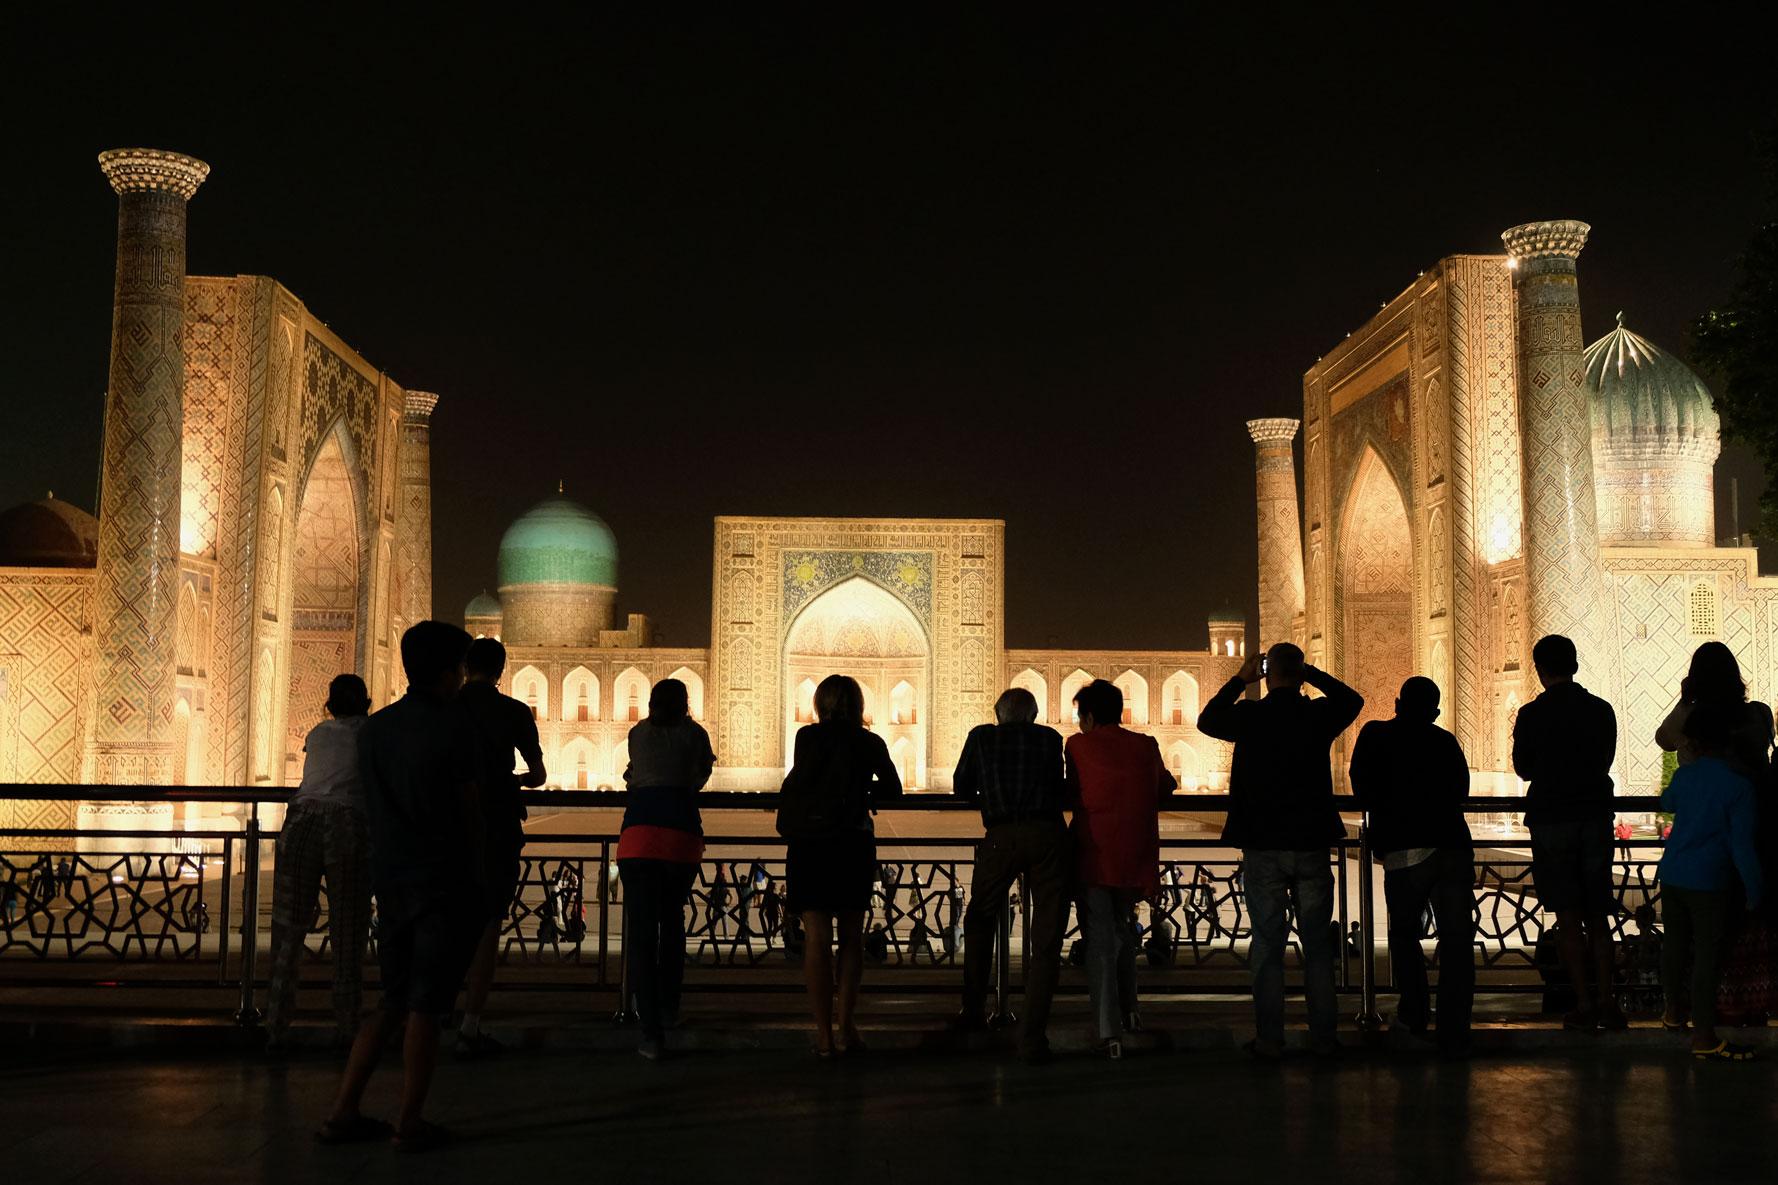 Menschen schauen von einem Geländer aus auf den Registan in Samarkand